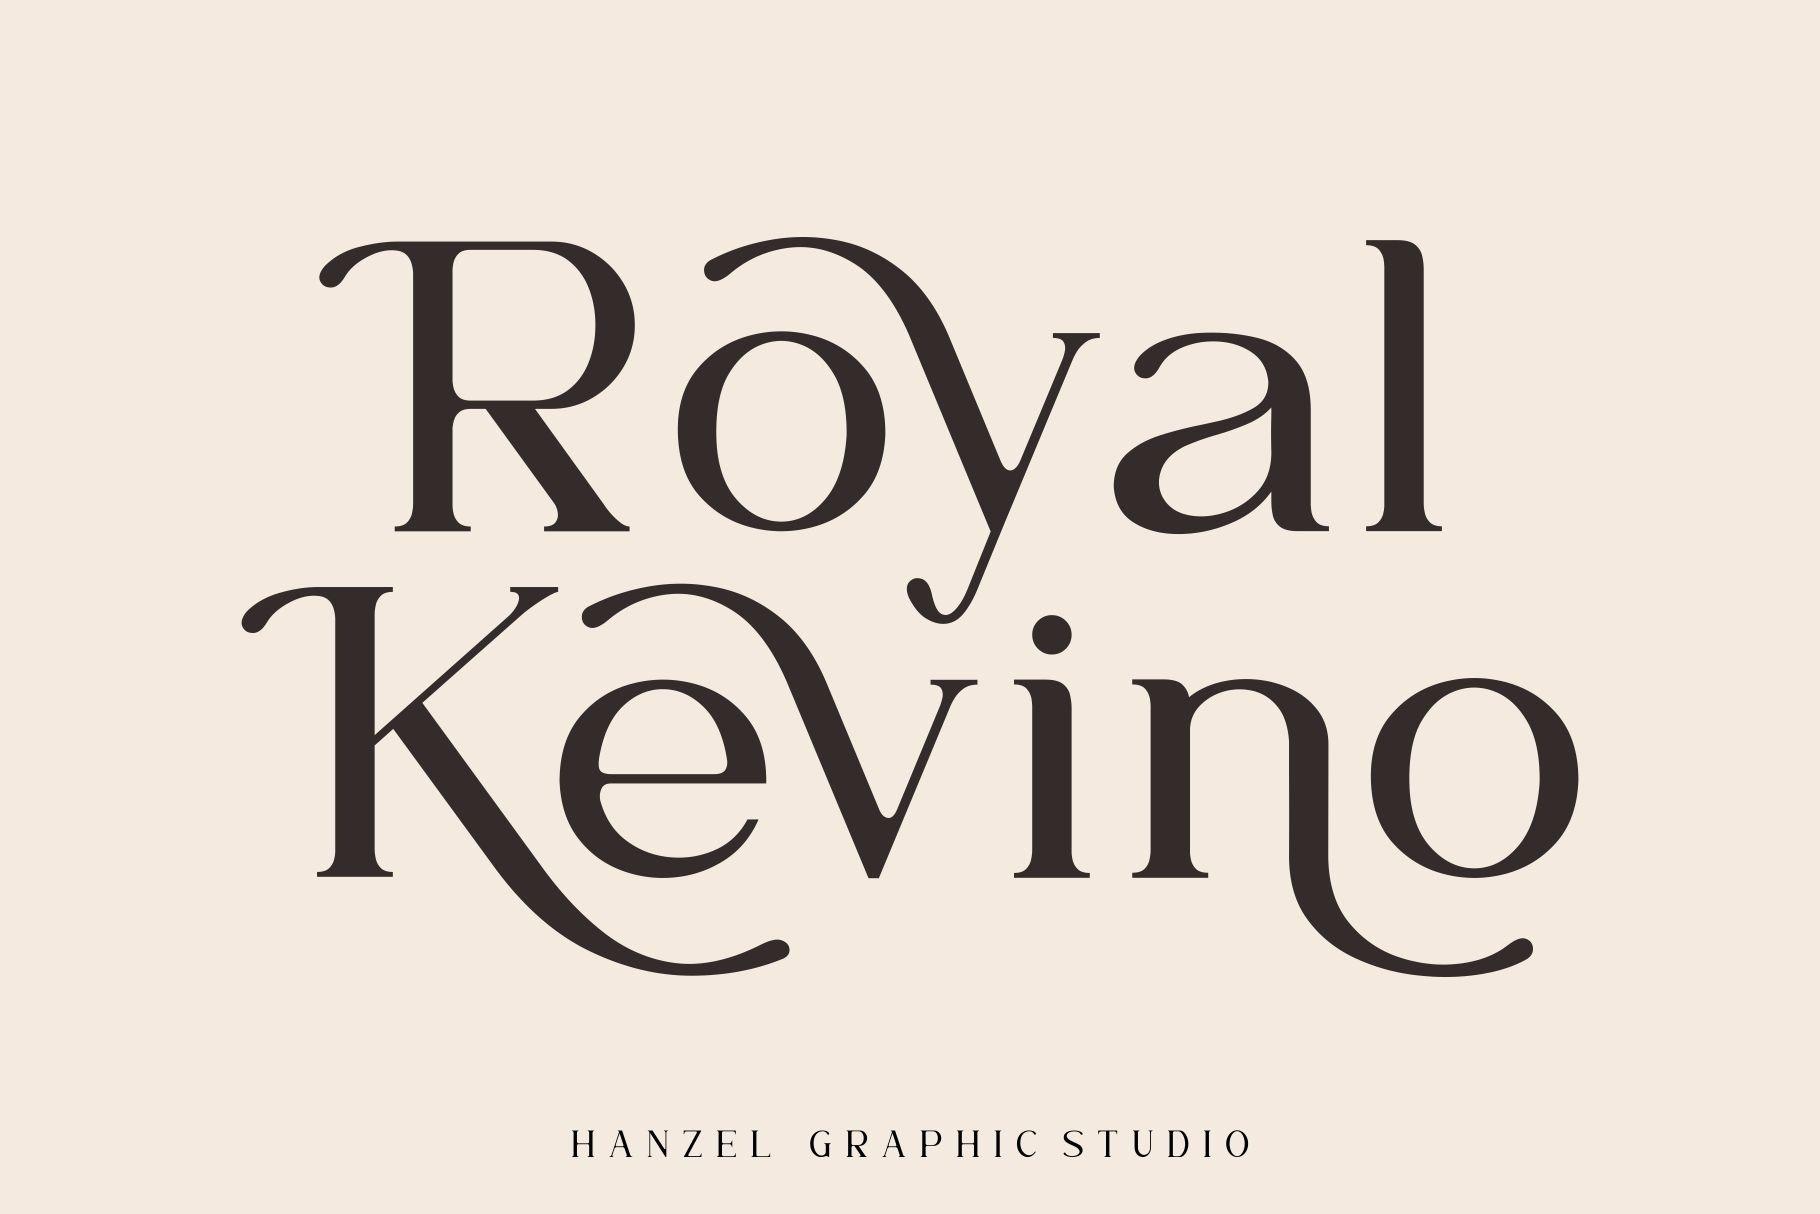 Royal Kevino example image 1